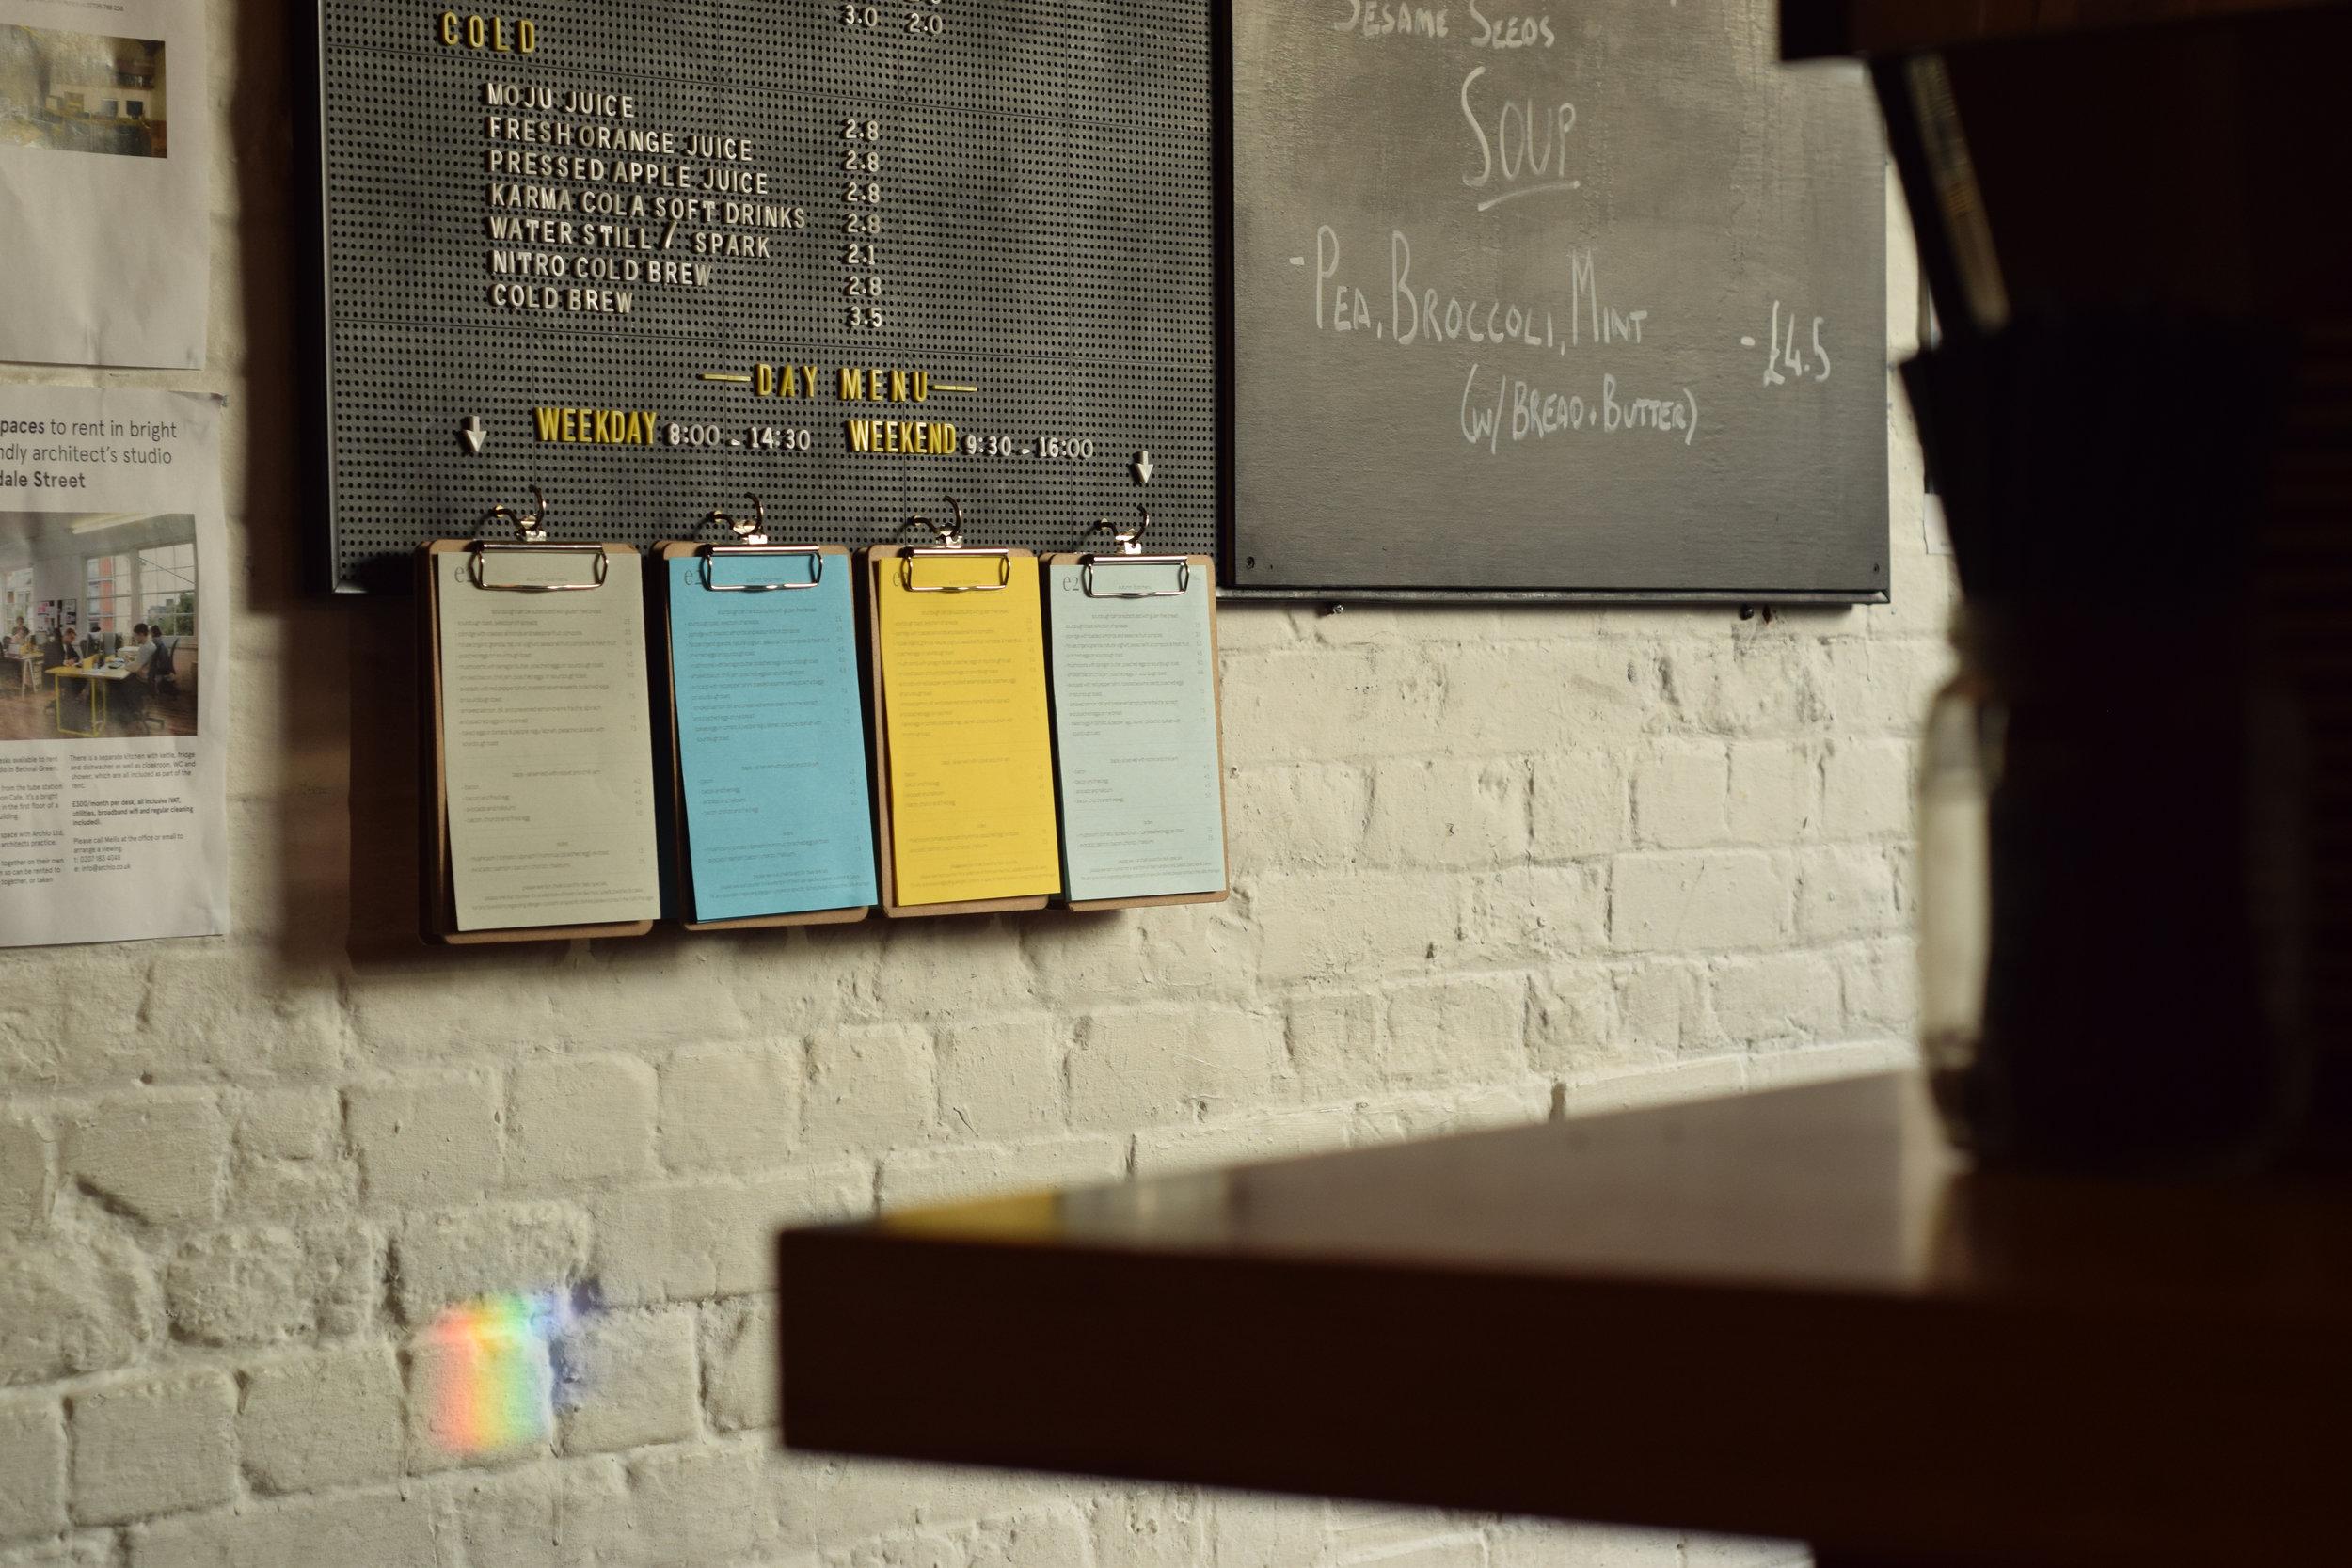 We update our menus quarterly